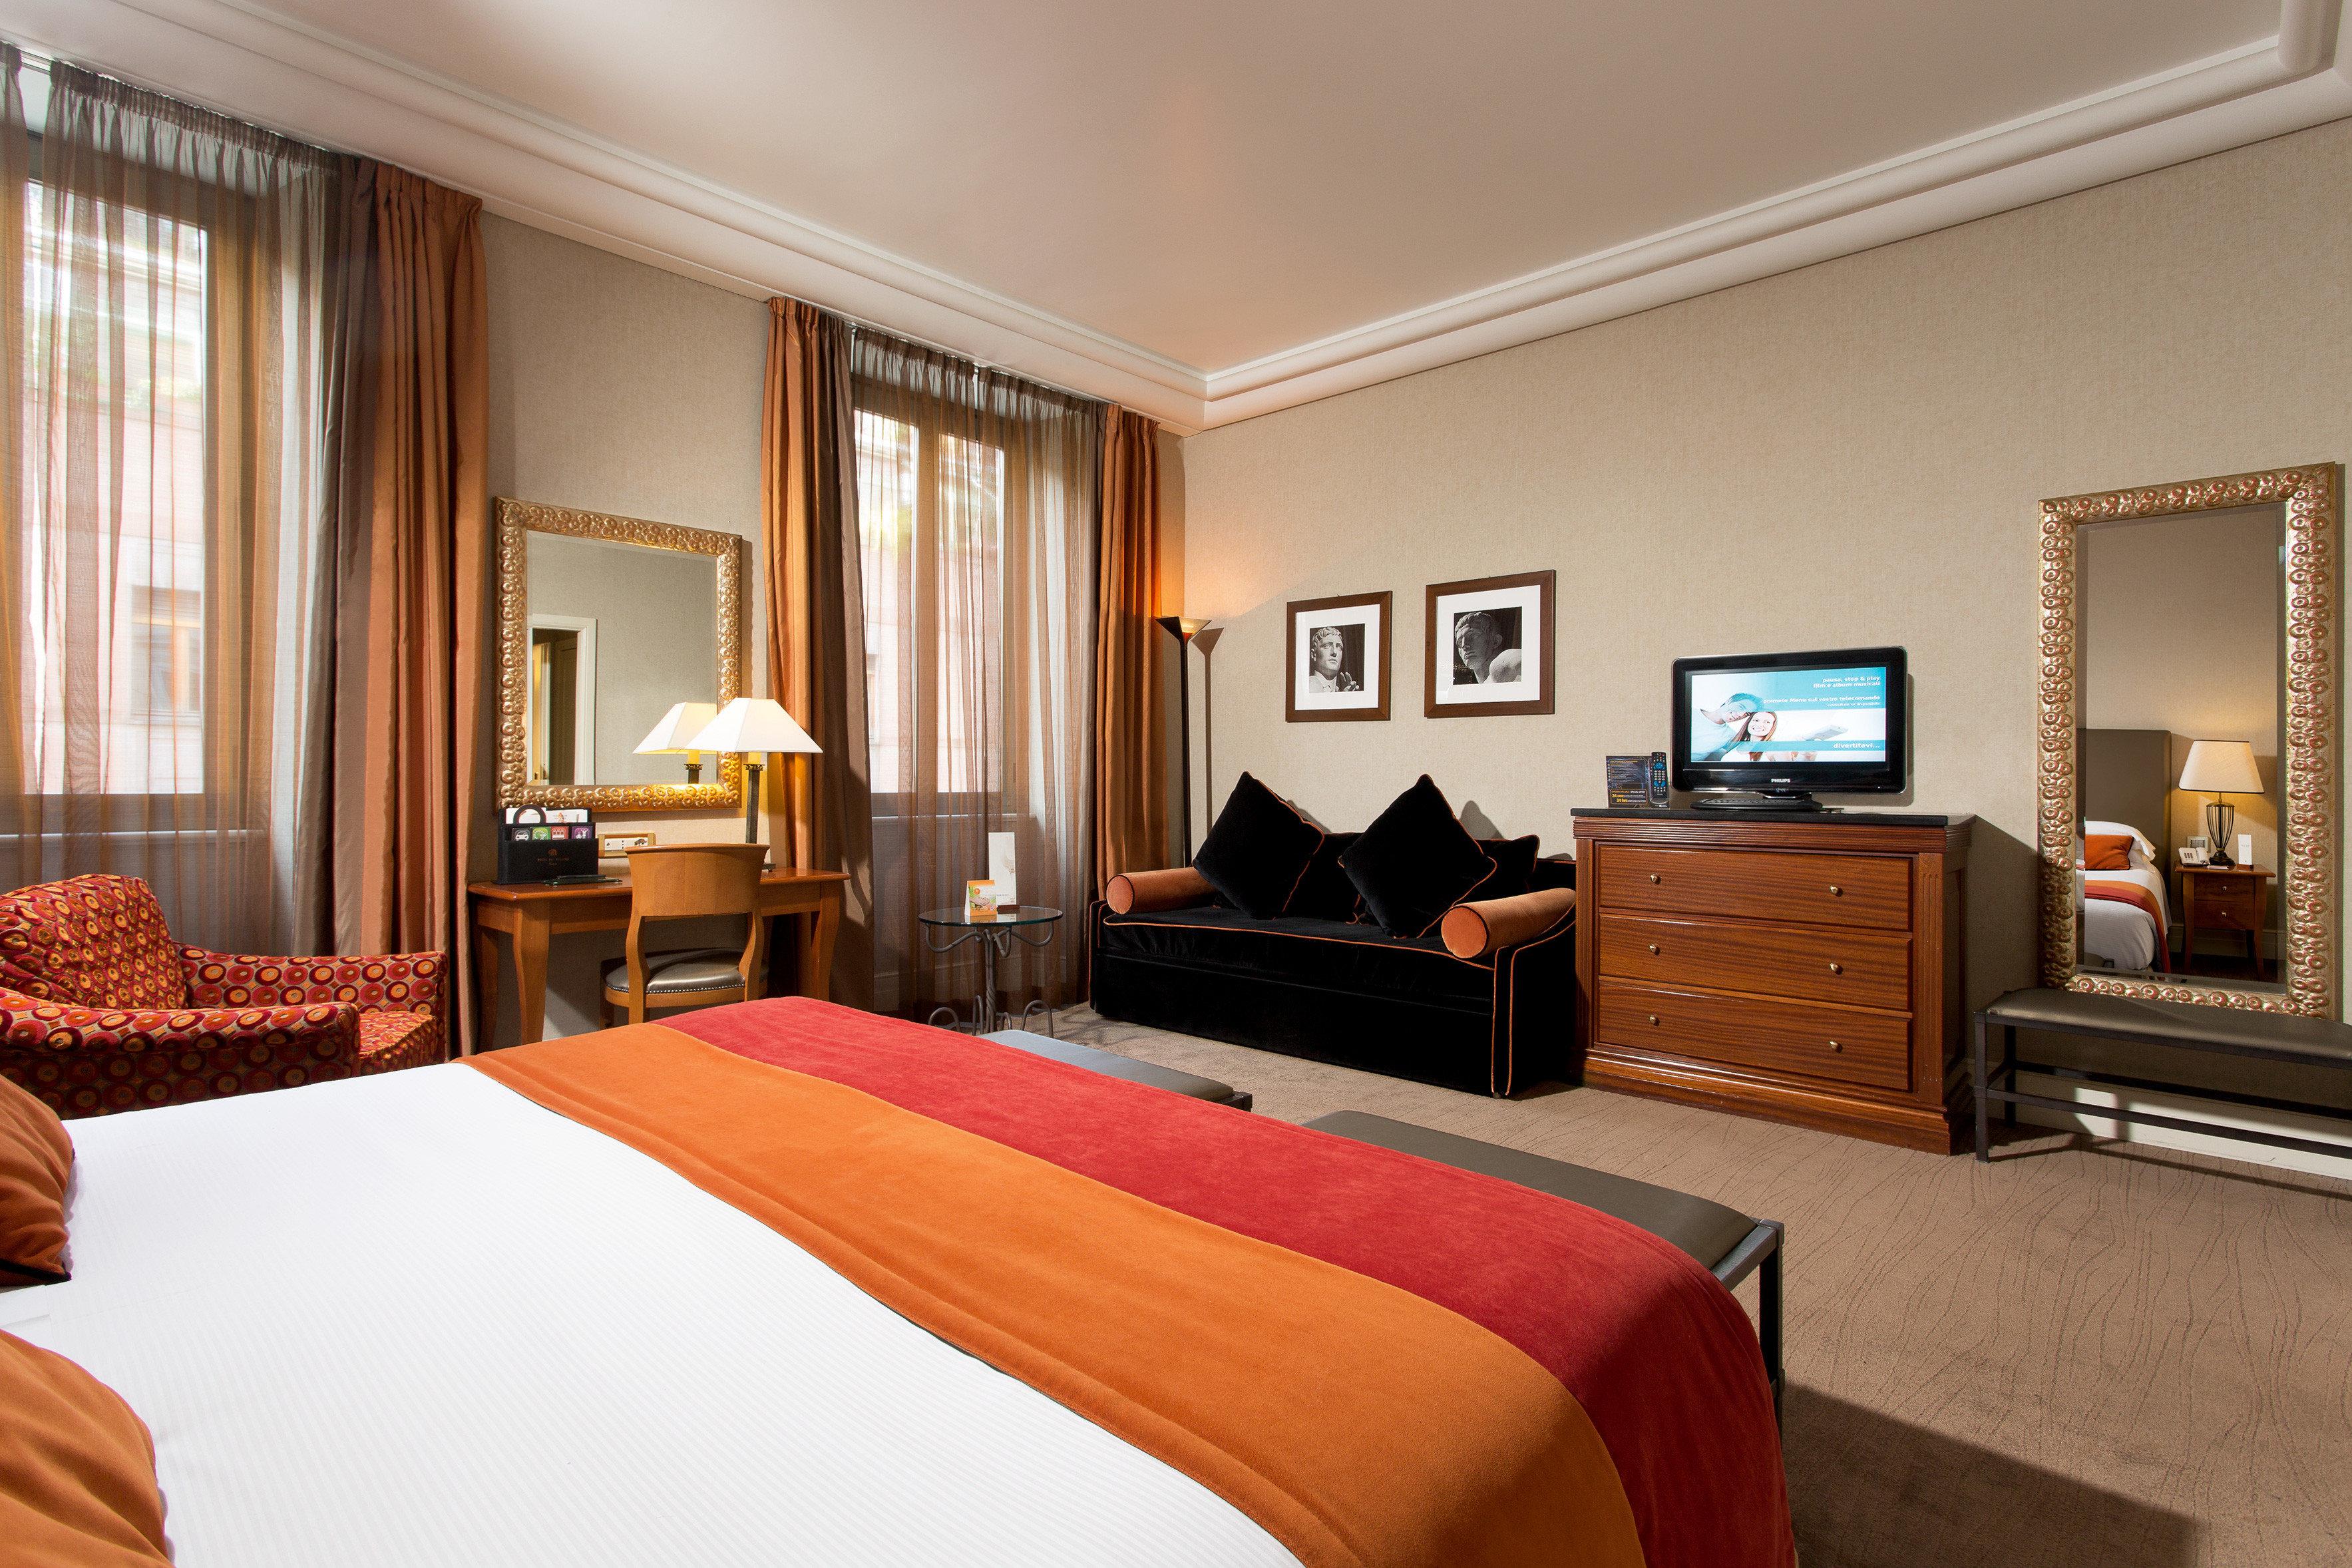 Bedroom Budget City property Suite scene flat